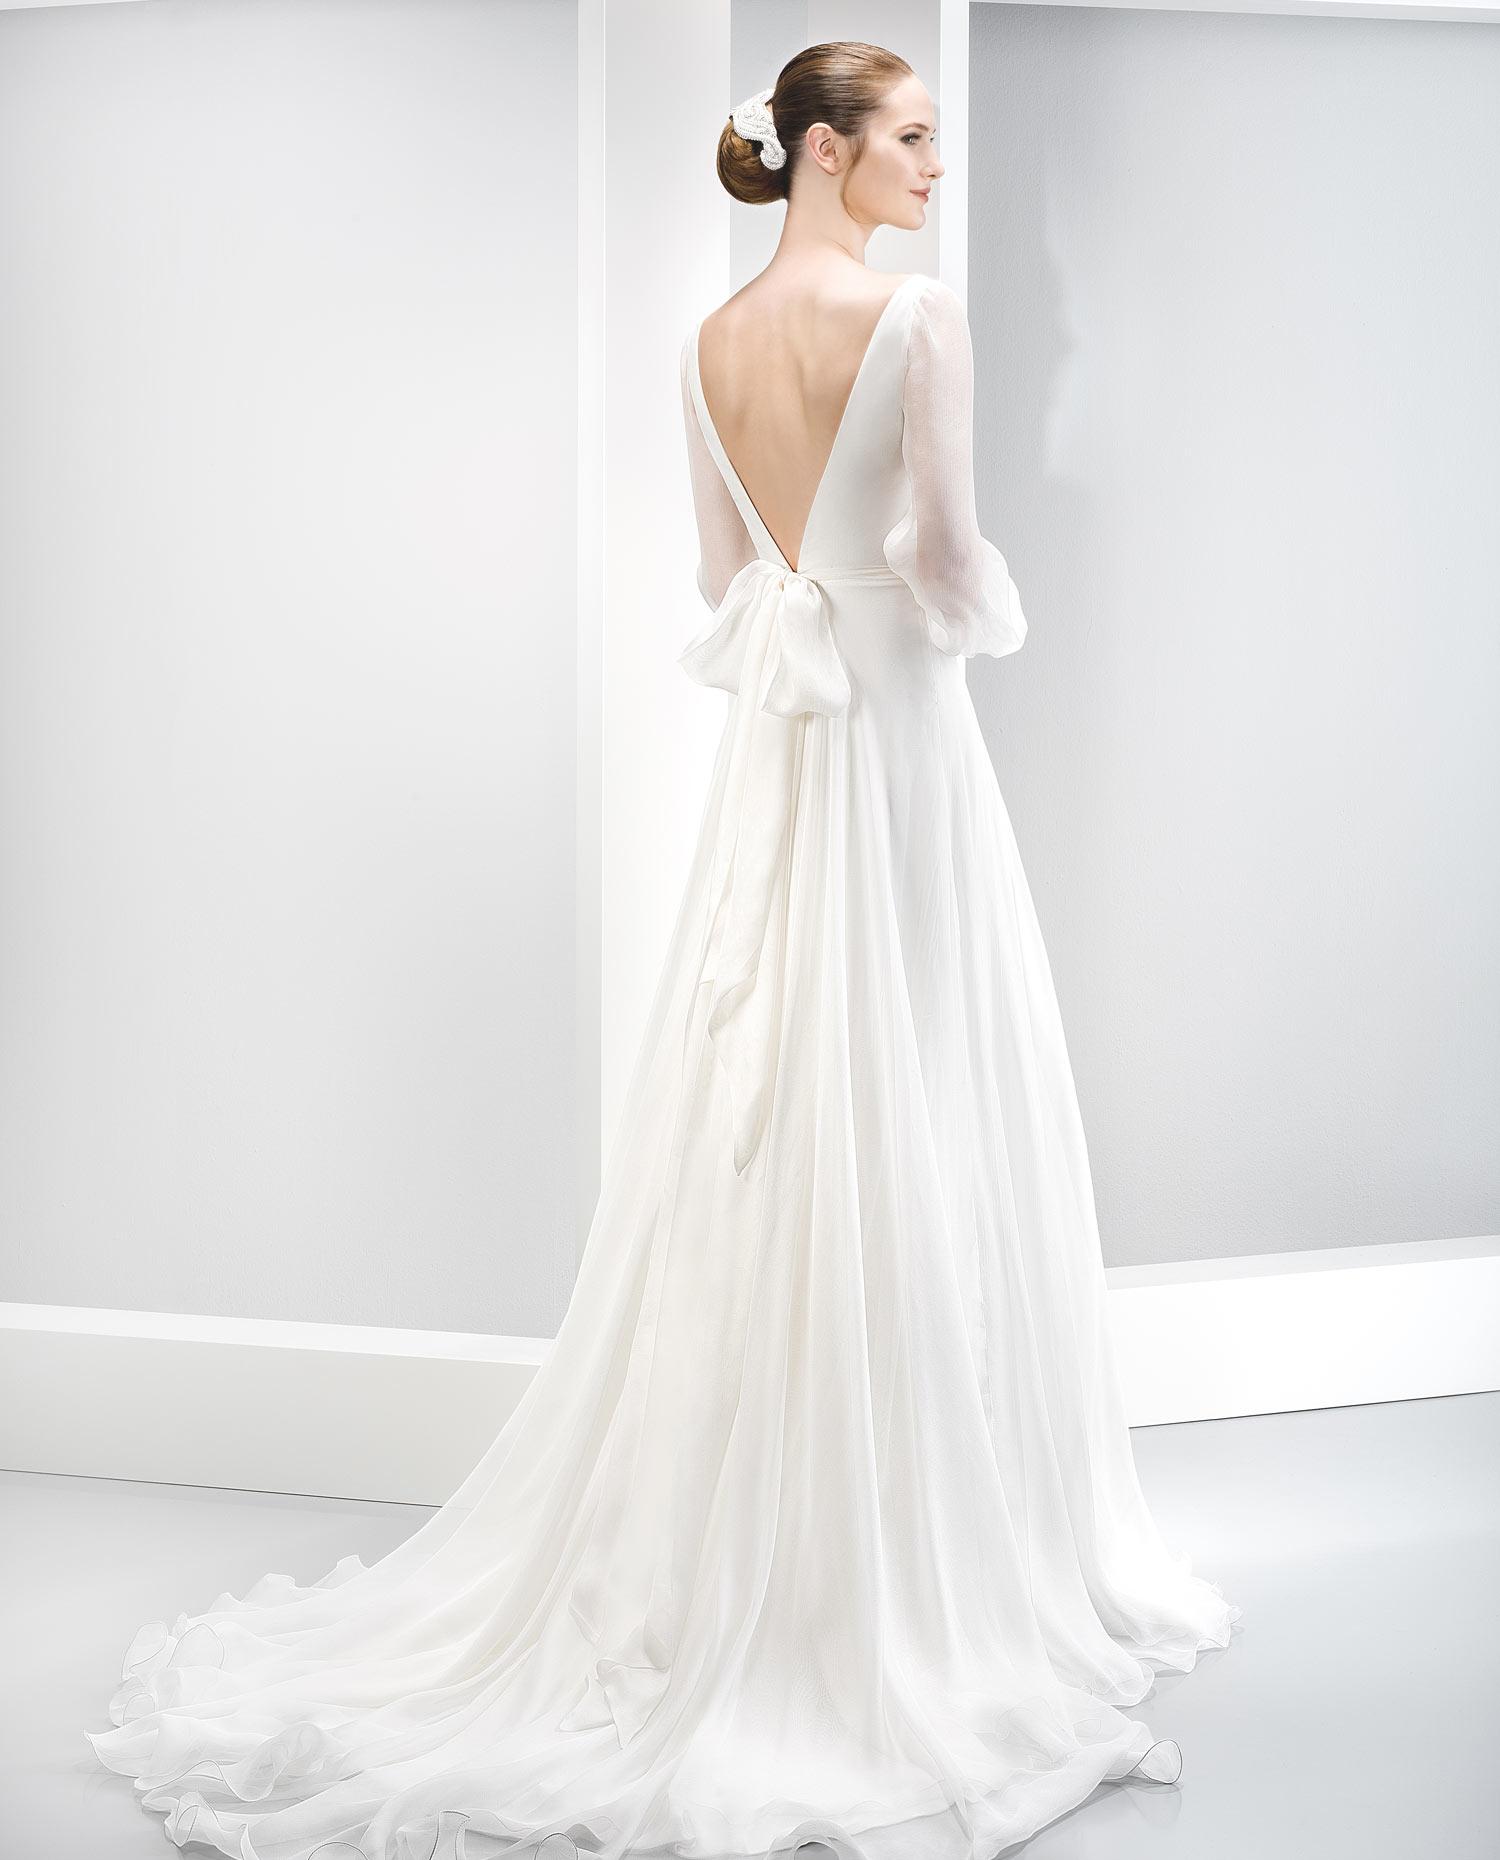 9df22306f Vestidos de novia de manga larga Otoño Invierno 2019 - 2020 ...